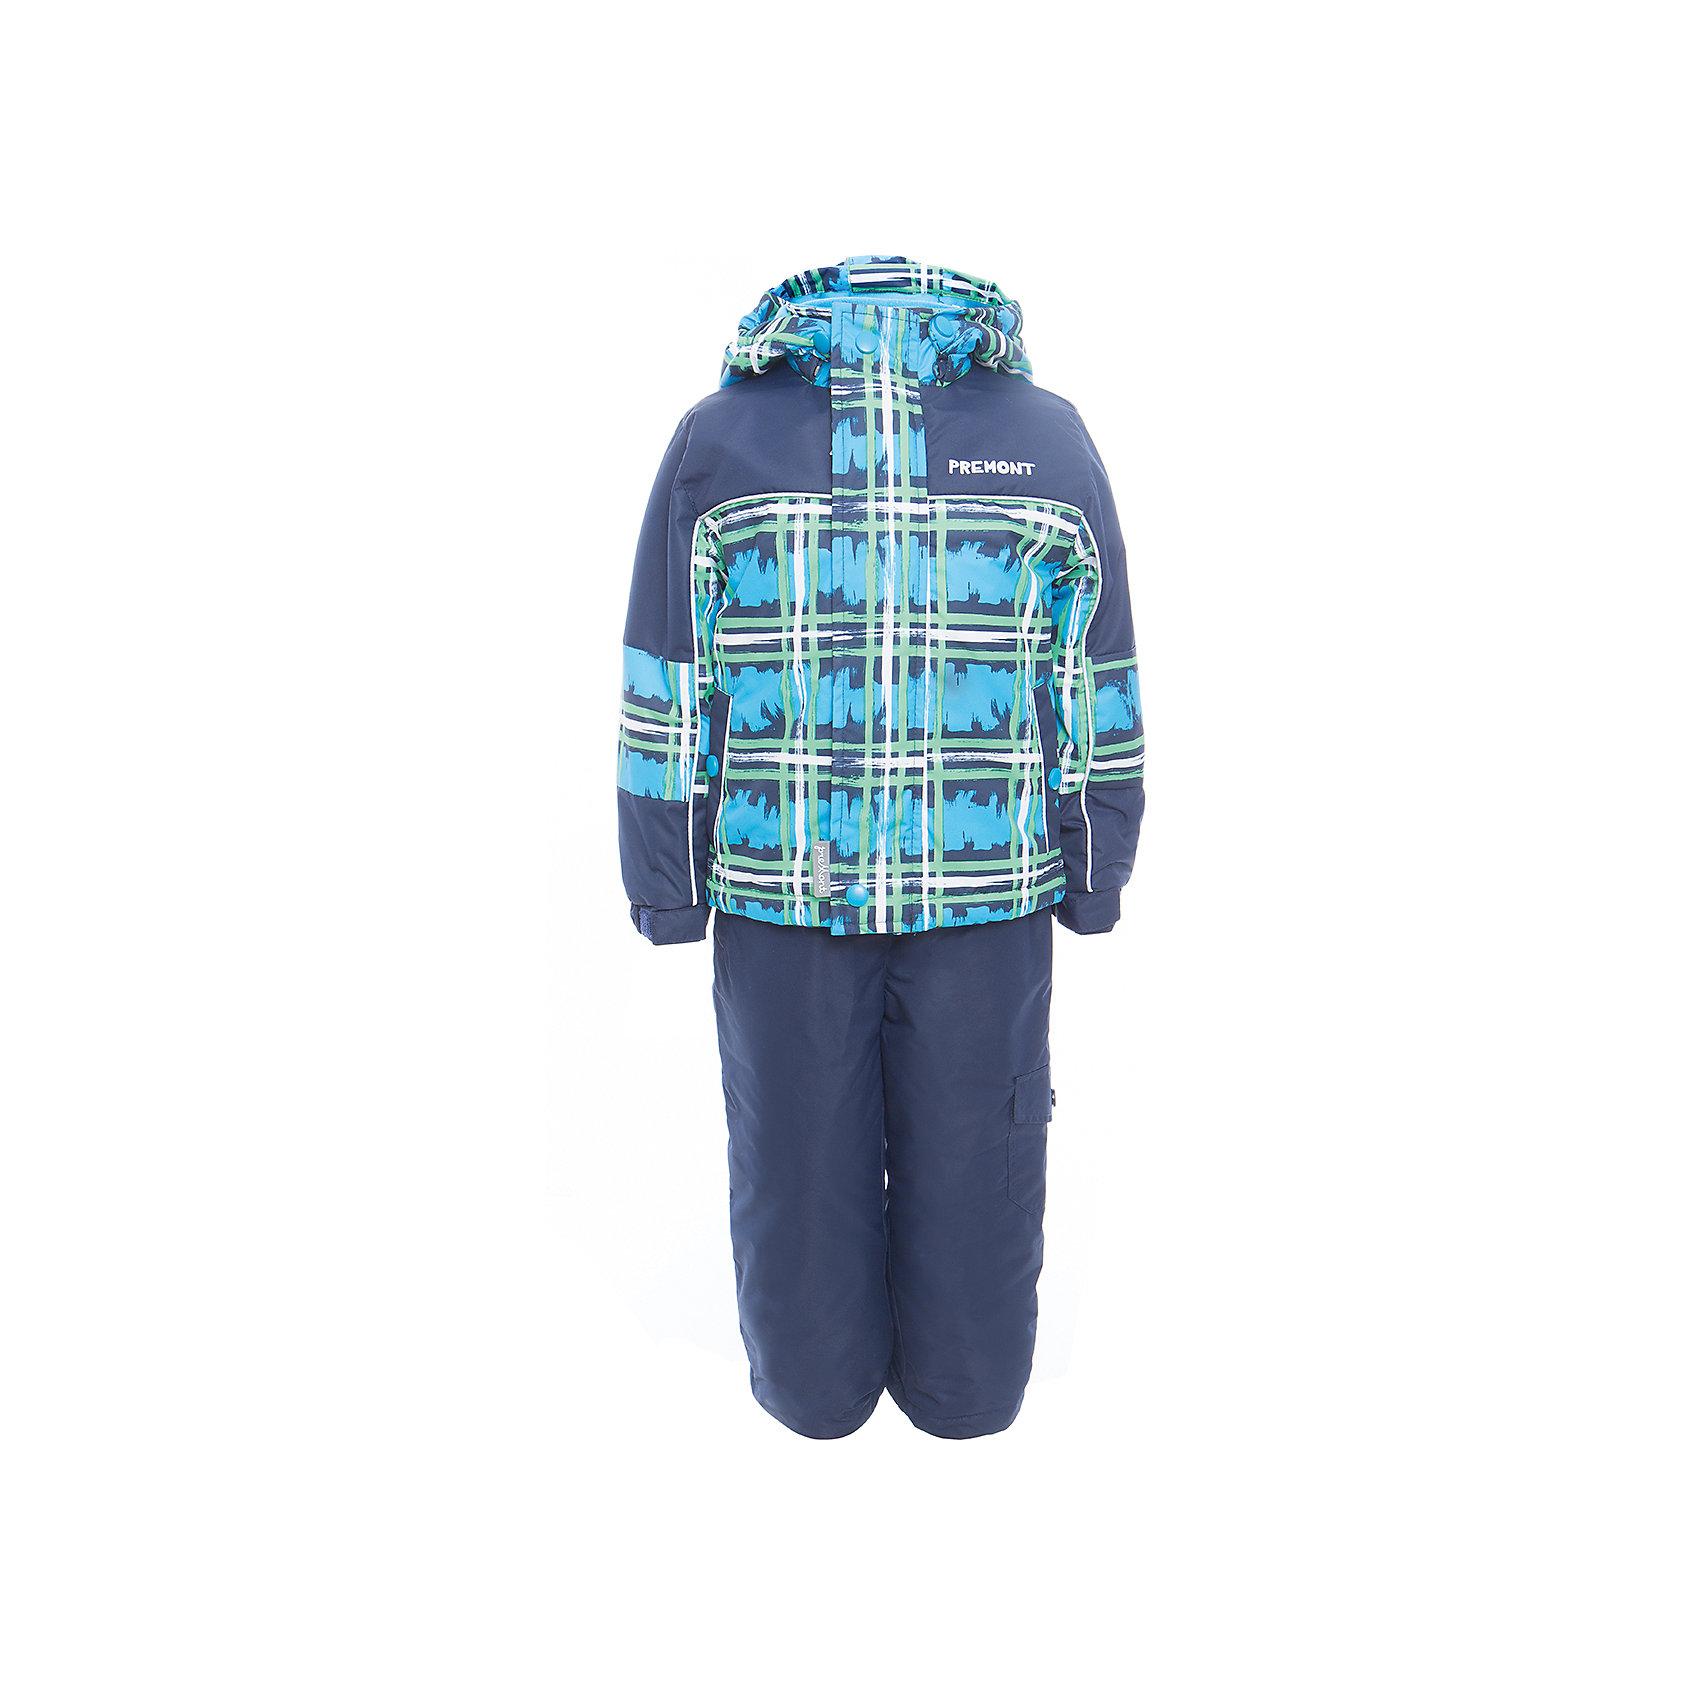 Комплект: куртка и полукомбинезон для мальчика PremontКомплект: куртка и полукомбинезон для мальчика от известного бренда Premont.<br>На вершине Скалистых гор.Скалистые горы – одно из самых живописных мест в Канаде. Первозданная природа привлекает сюда множество туристов. Отрывистые линии, имитирующие мазки кисти на фоне клетки - ассоциируются с изрезанным силуэтом опасных Скалистых гор.<br>Состав:<br>Ткань верха: мембрана 3000 мм/ 3000 г/м ?/24h. Подклад: таффета, трикотаж с ворсом (воротник, капюшон). Утеплитель: 120 г/м? (куртка), 80 г/м? (п/комбинезон).<br><br>Ширина мм: 356<br>Глубина мм: 10<br>Высота мм: 245<br>Вес г: 519<br>Цвет: синий<br>Возраст от месяцев: 36<br>Возраст до месяцев: 48<br>Пол: Мужской<br>Возраст: Детский<br>Размер: 104,110,116,122,128,134,140,98,146,152,92<br>SKU: 5353061